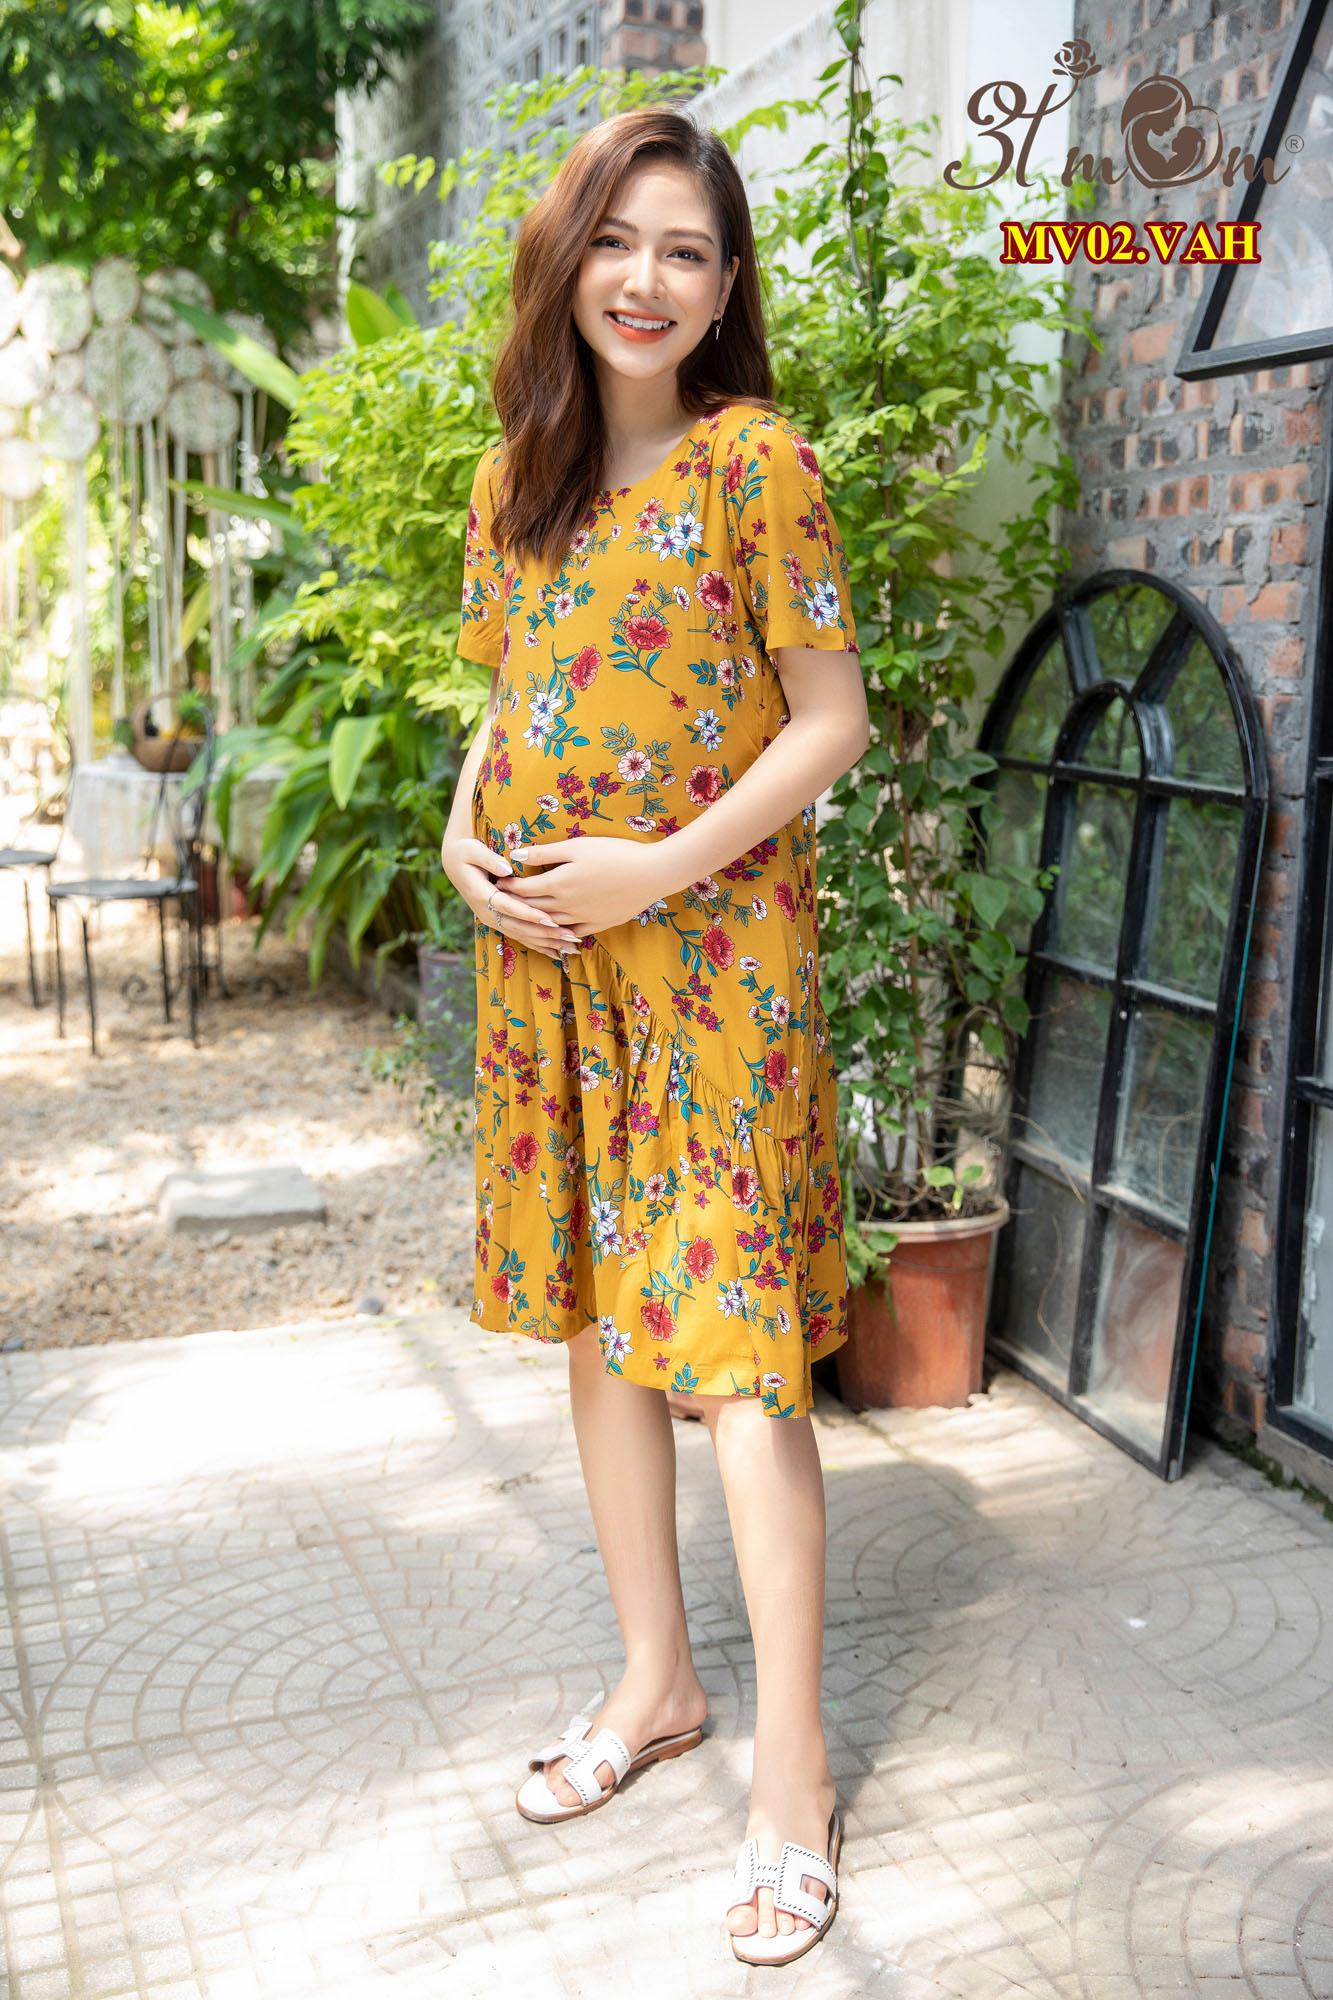 Váy tole lụa vàng hoa MV02.VAH